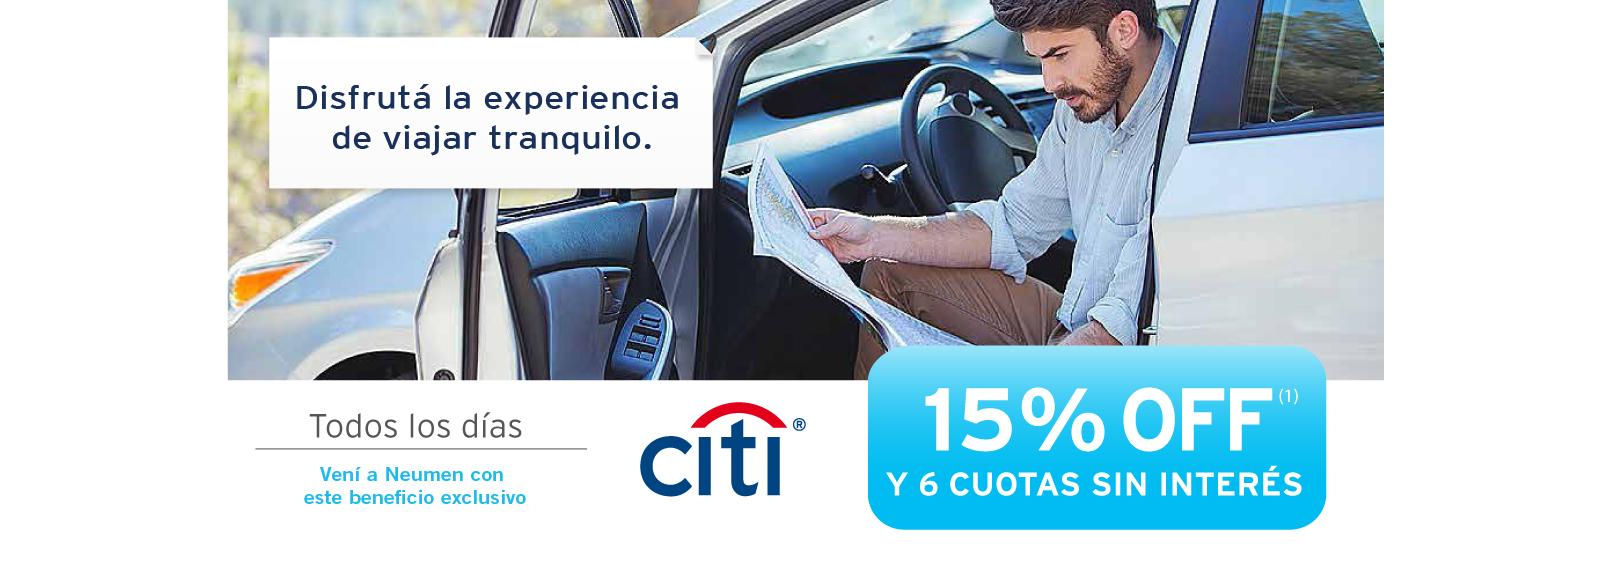 Banco Citi